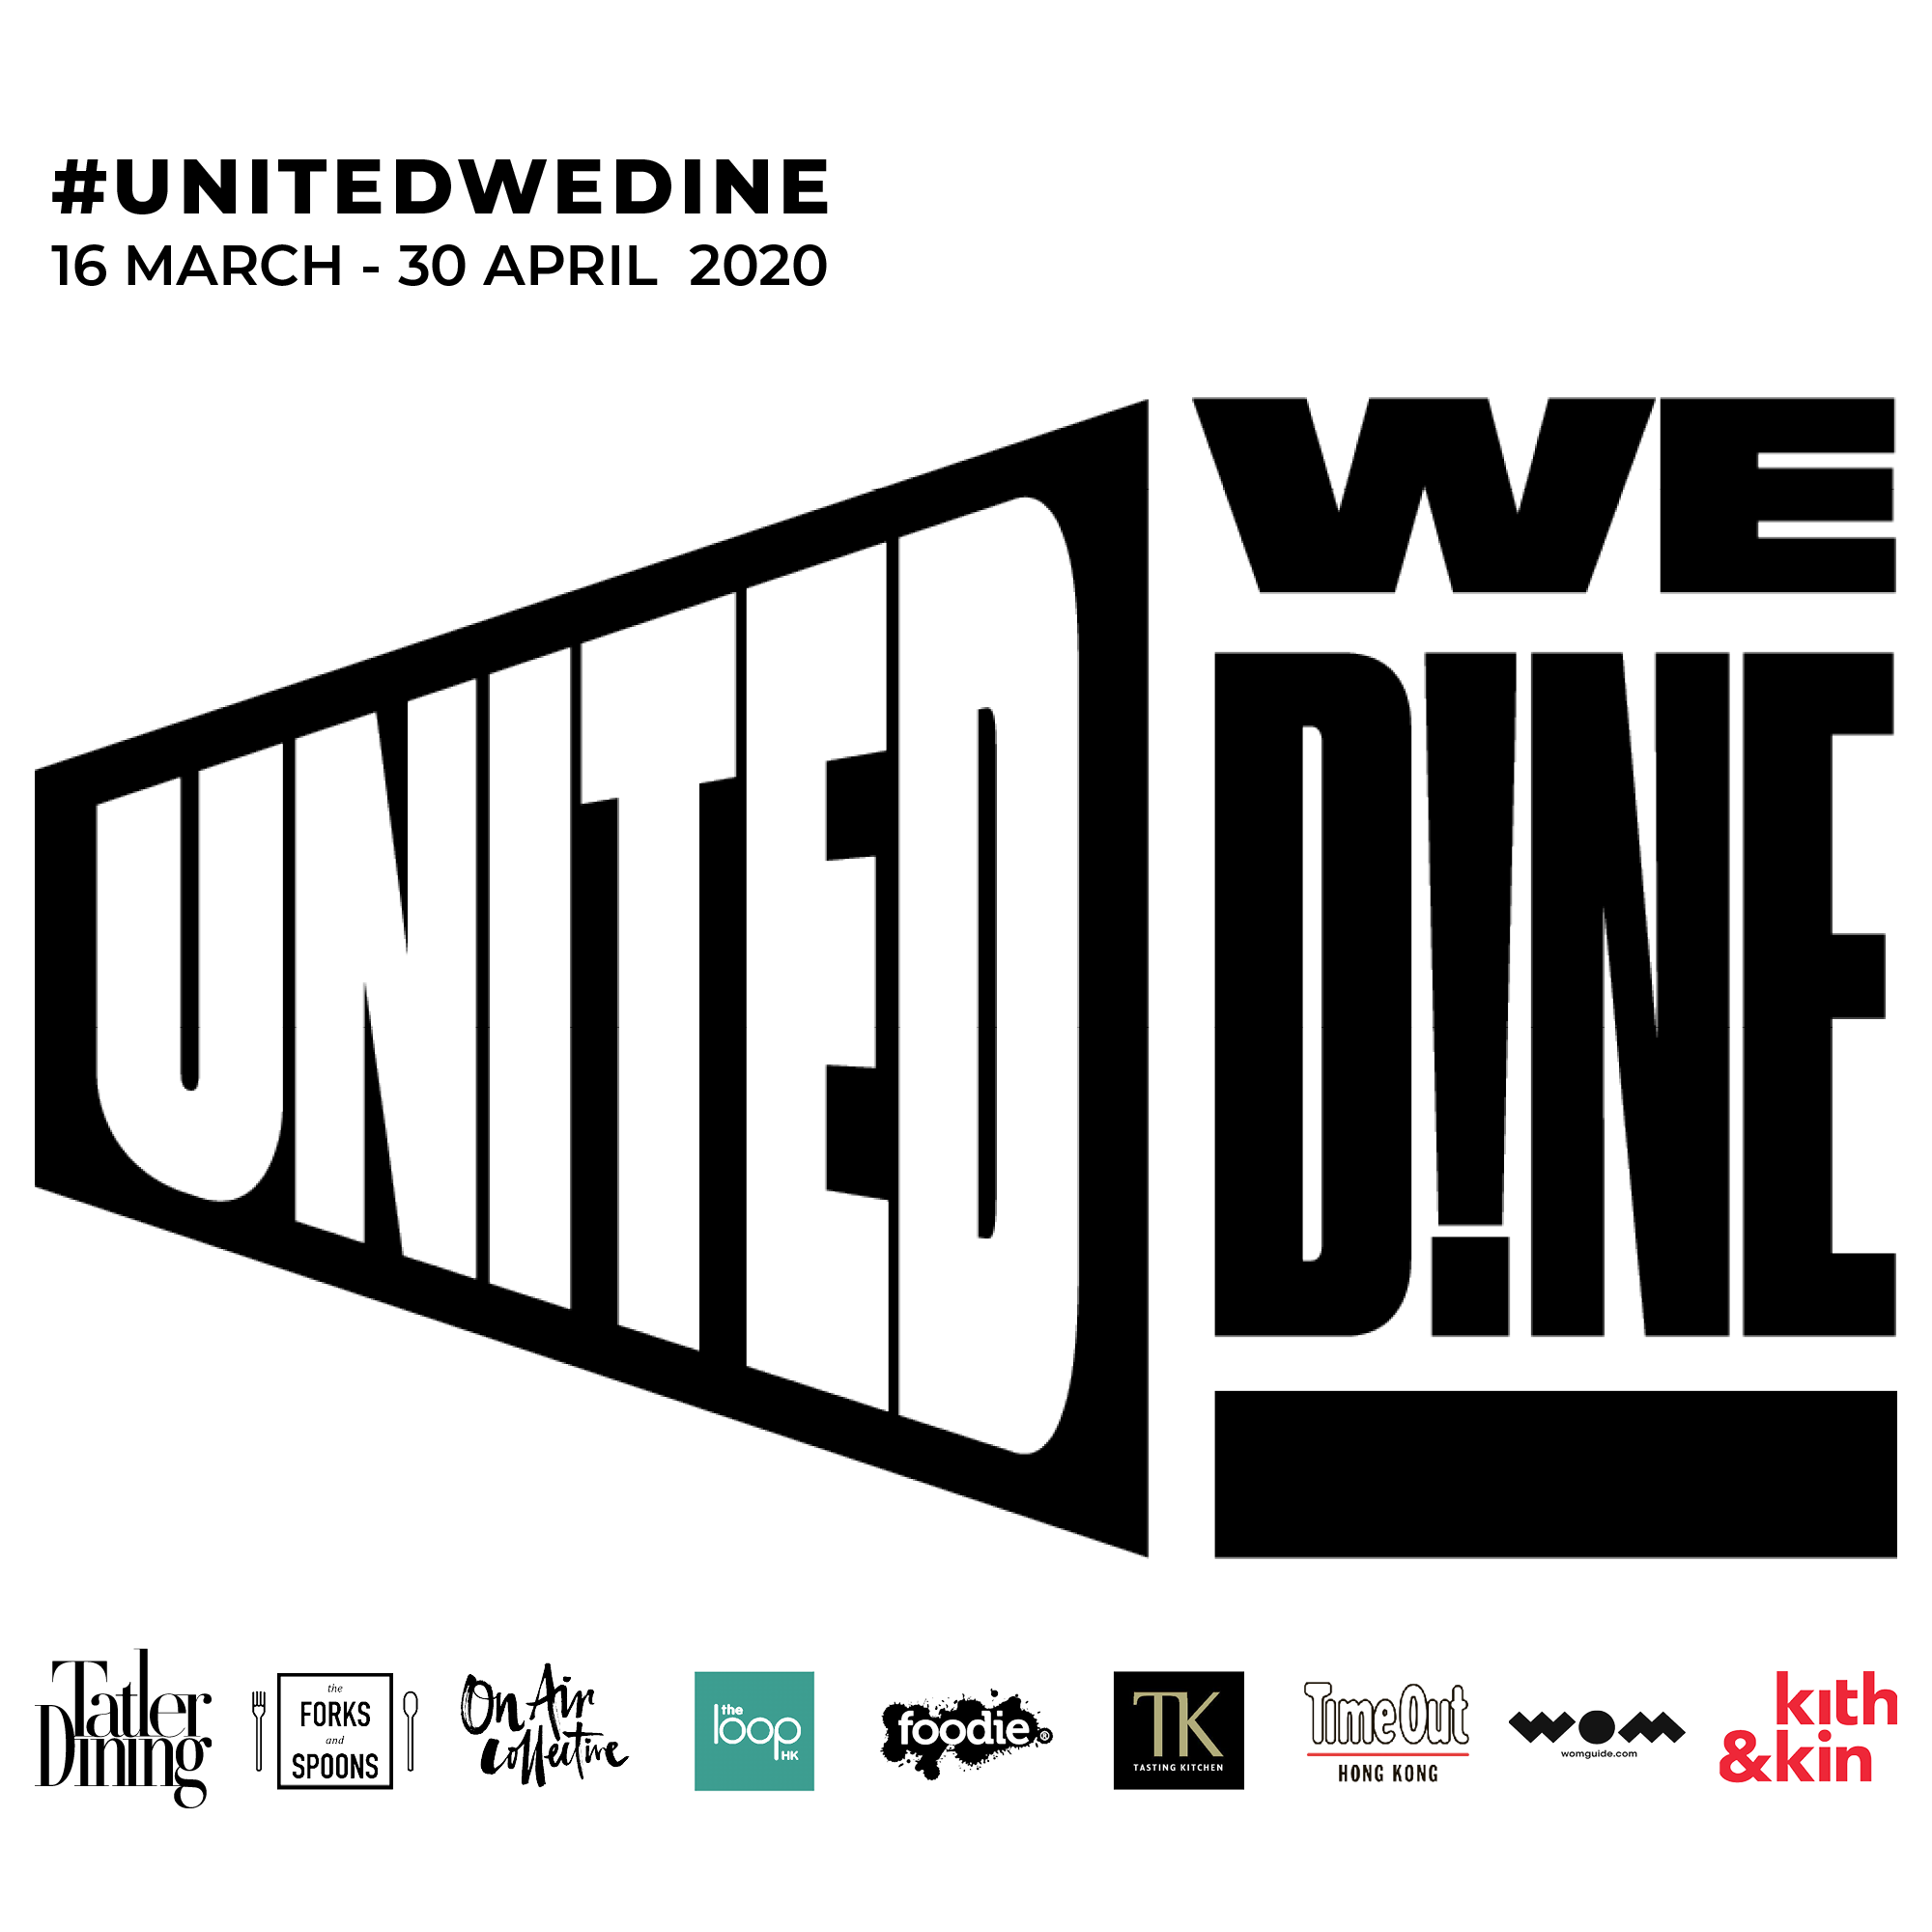 United We Dine